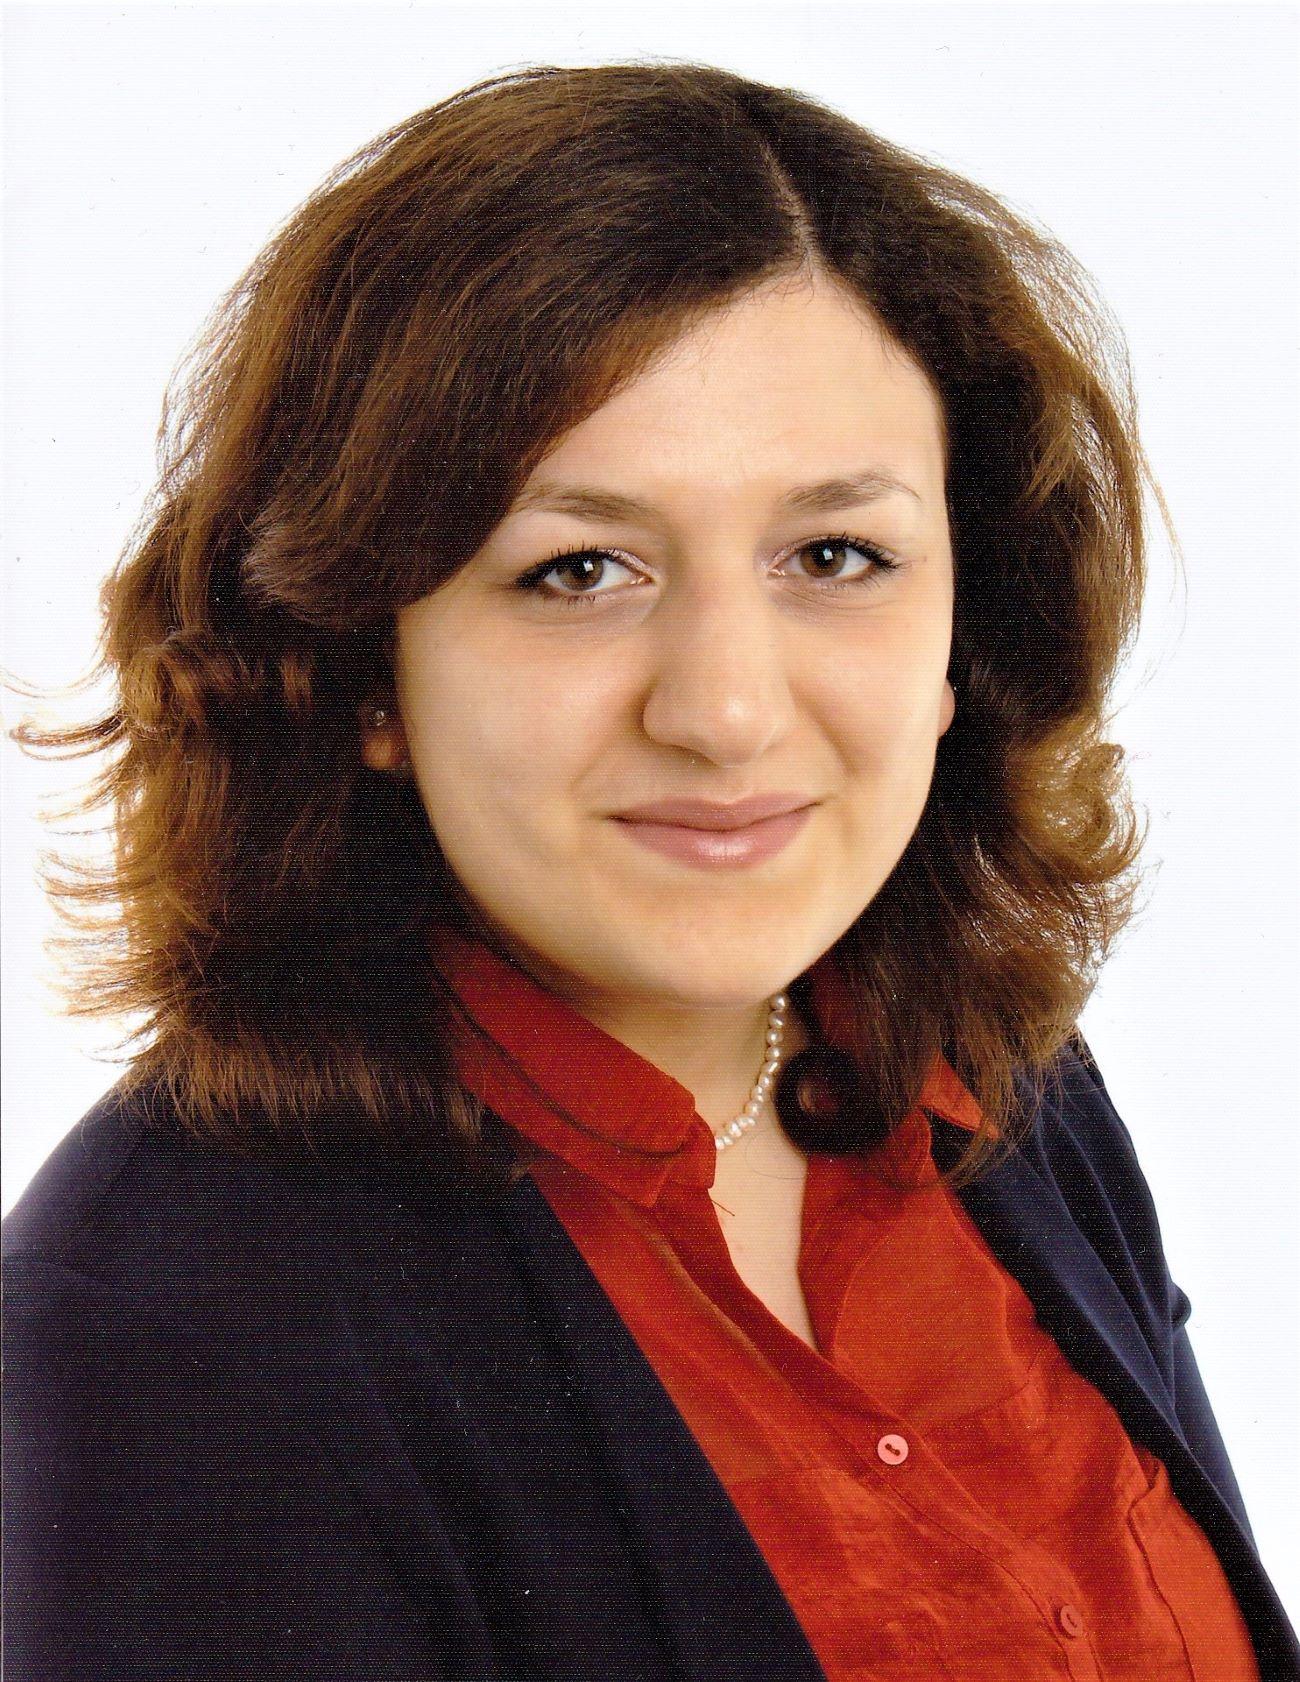 Afnan Qazzazie-Hauser